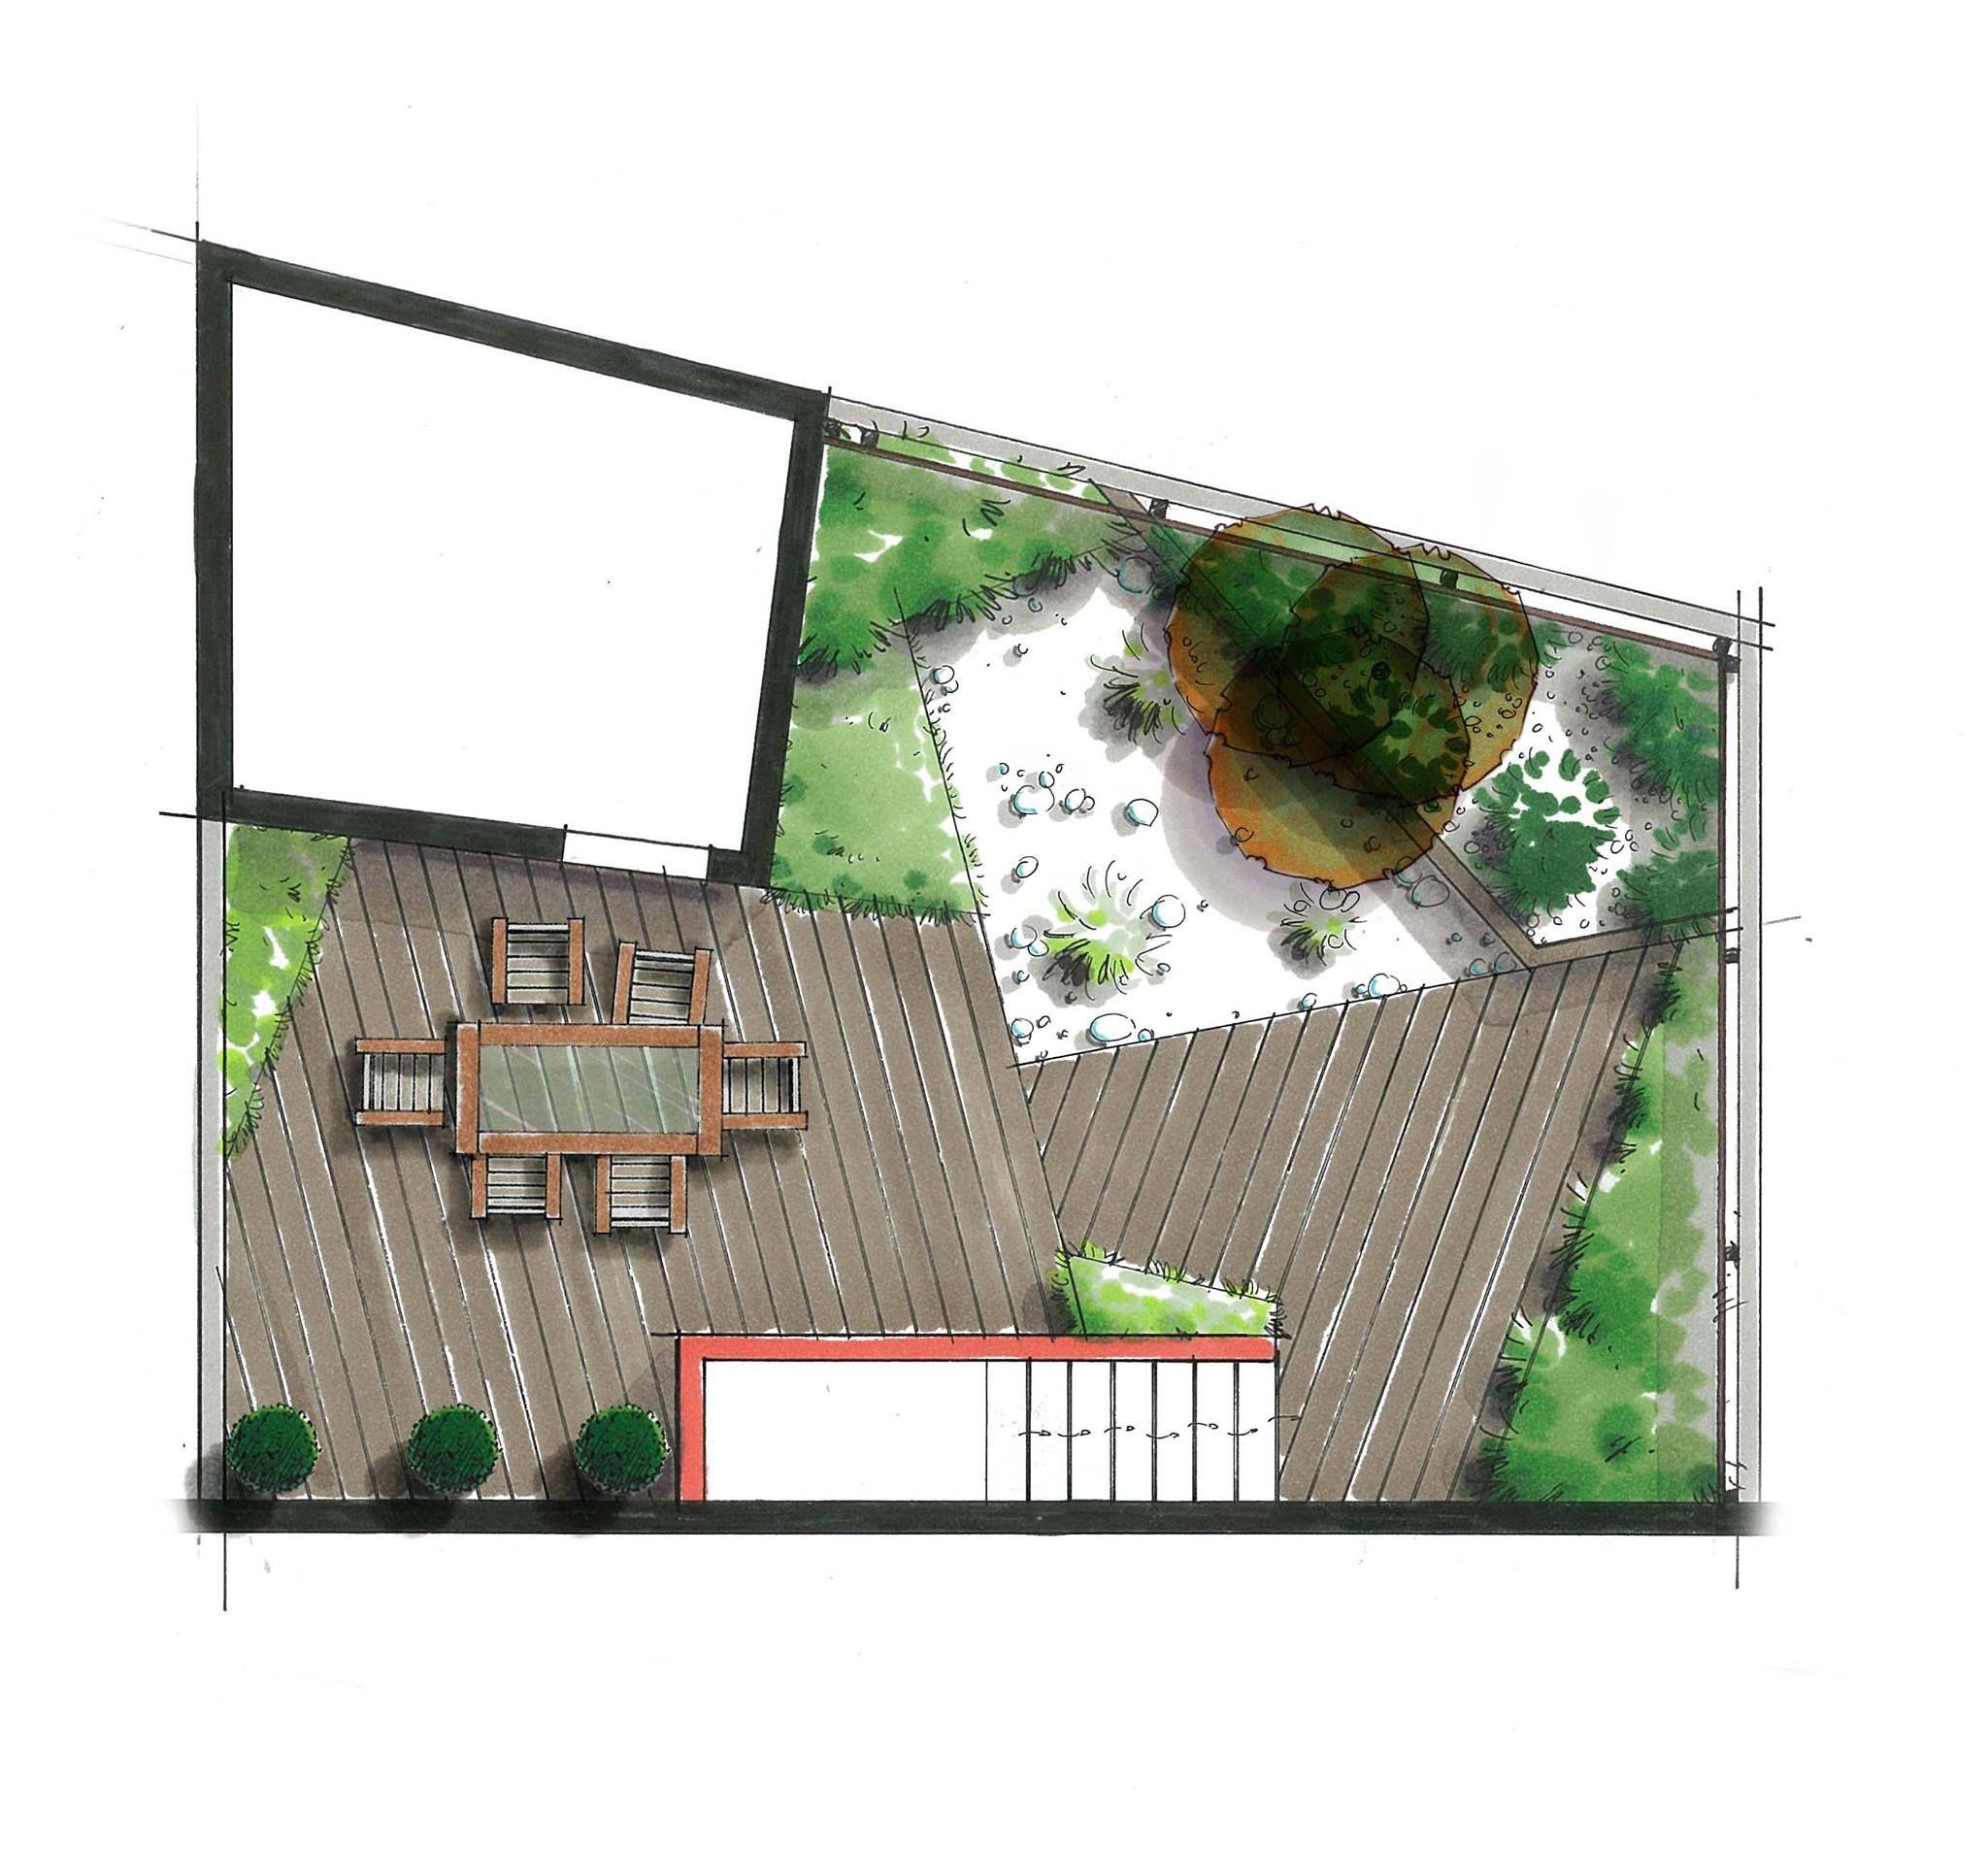 Plan De Jardin - Céline Duclos - Henri Mignon Paysagiste ... pour Plan De Jardin 56